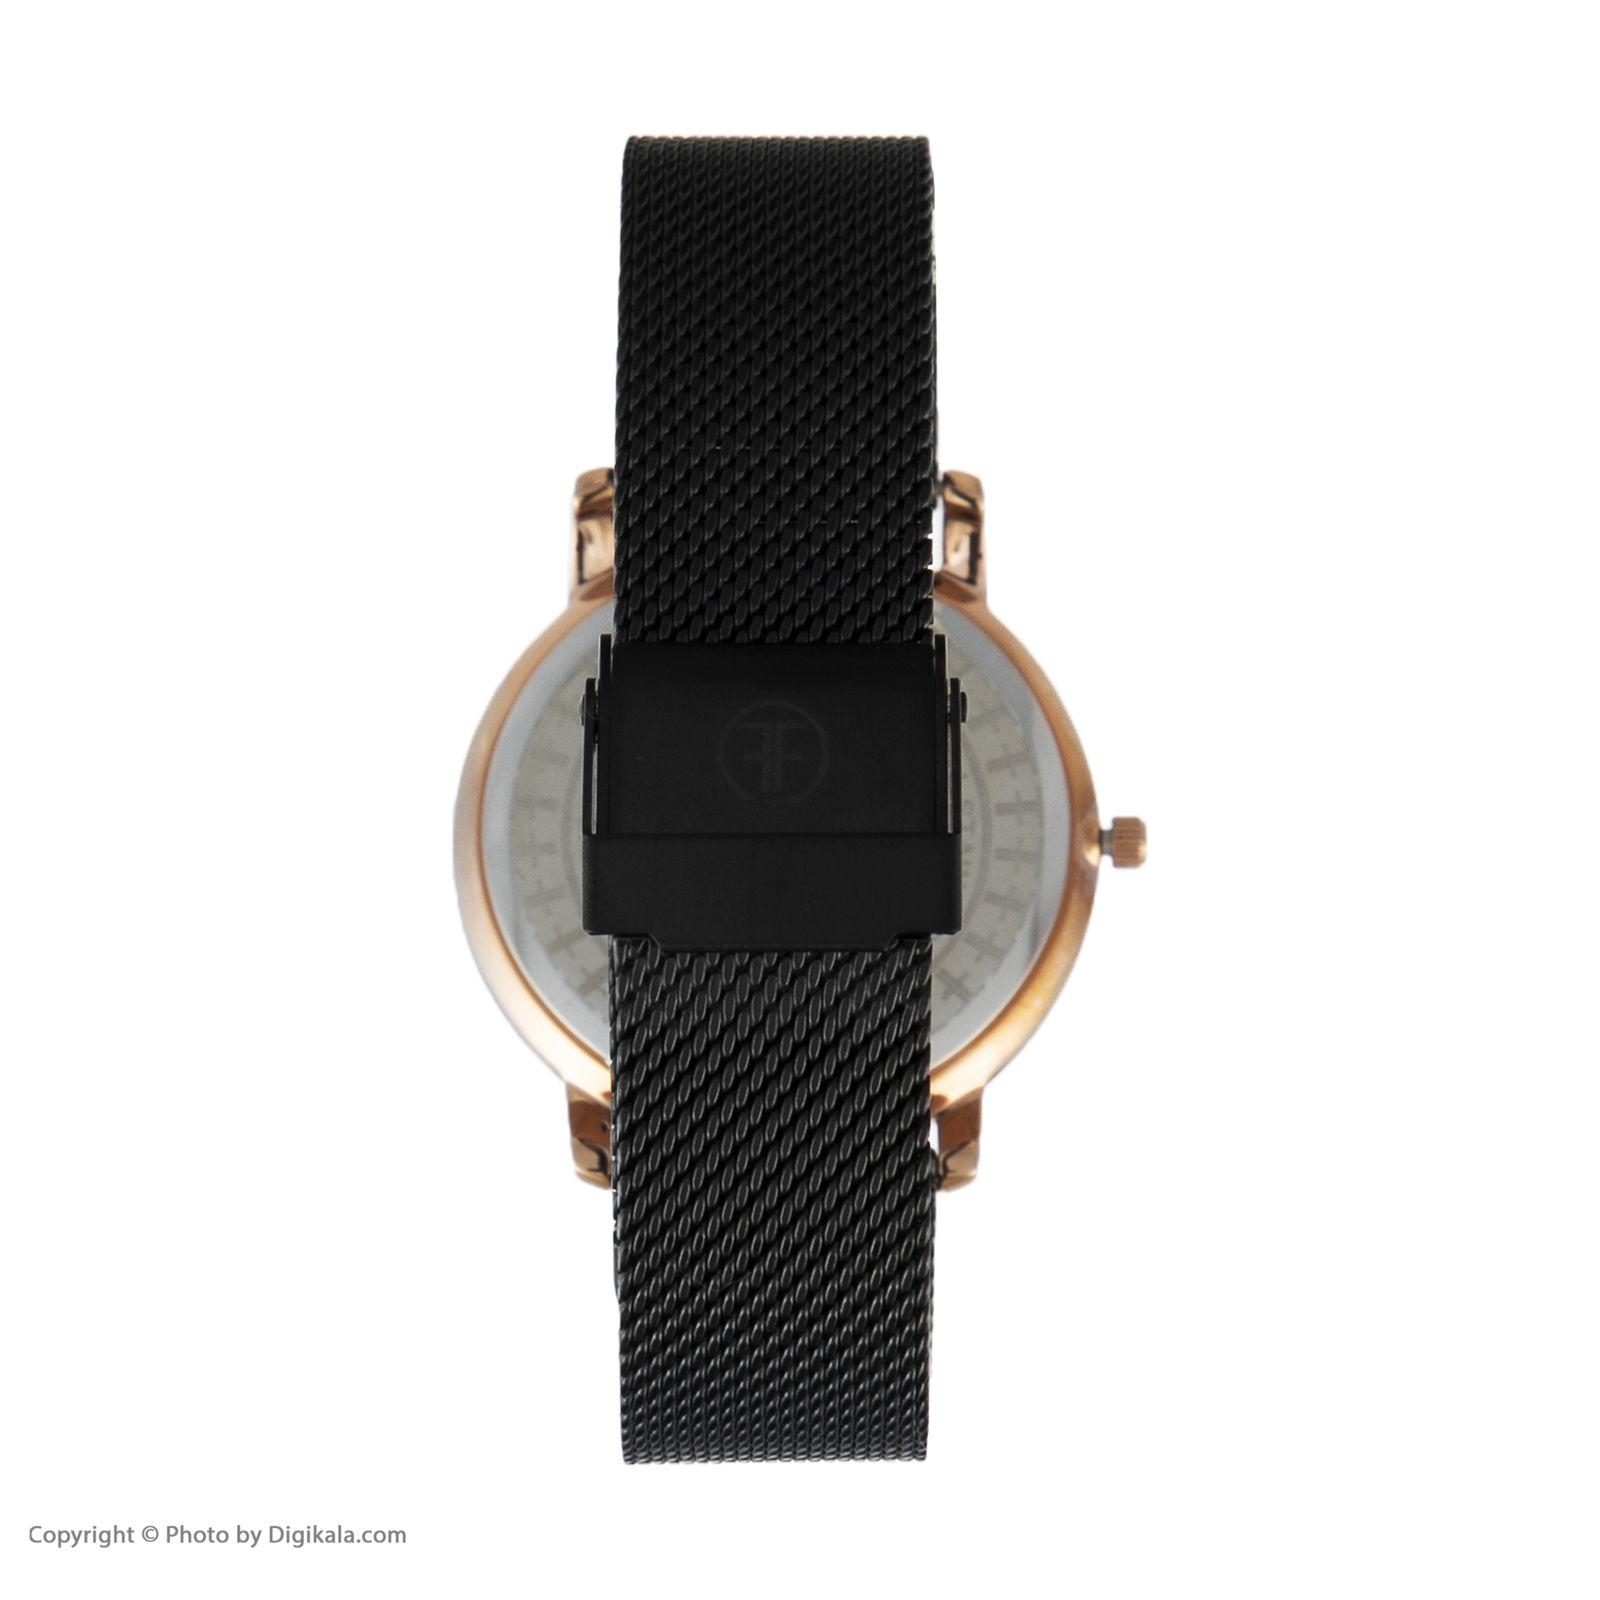 ساعت مچی عقربه ای زنانه فری لوک مدل F.9.1009.04 -  - 3